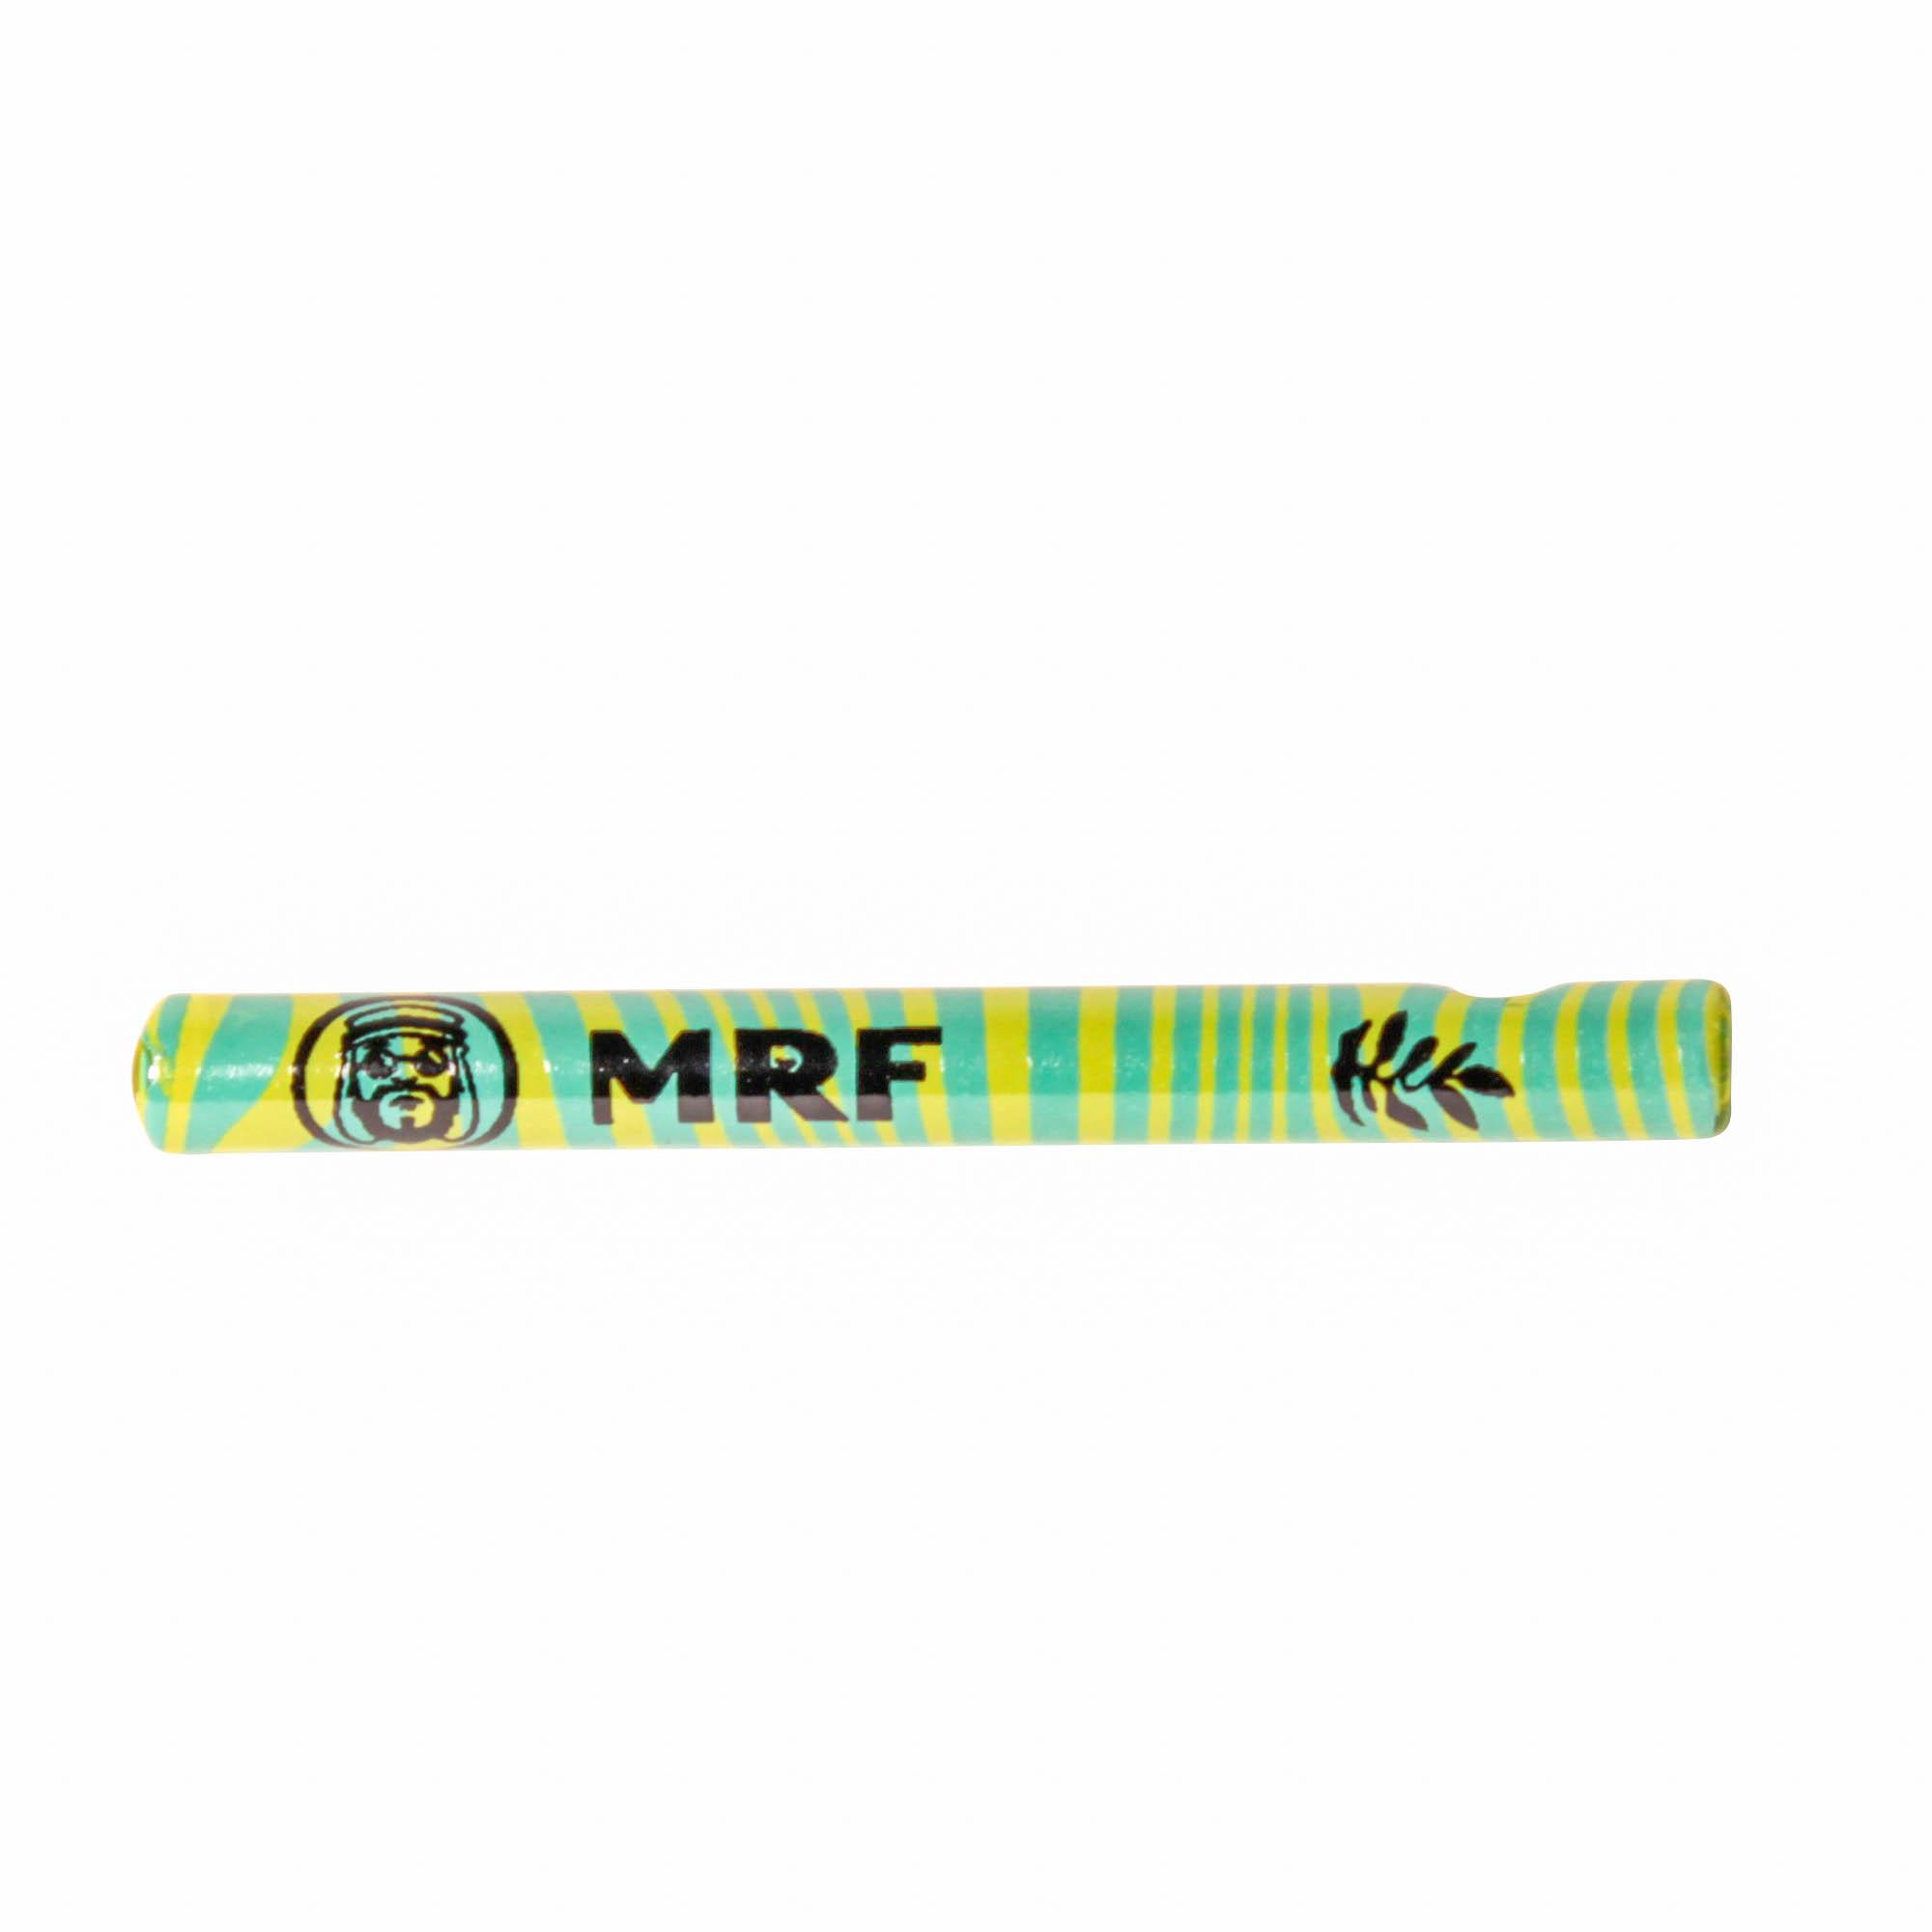 Piteira de Vidro MRF Elements Classic - Terra (6 mm)  - Mr. Fumo